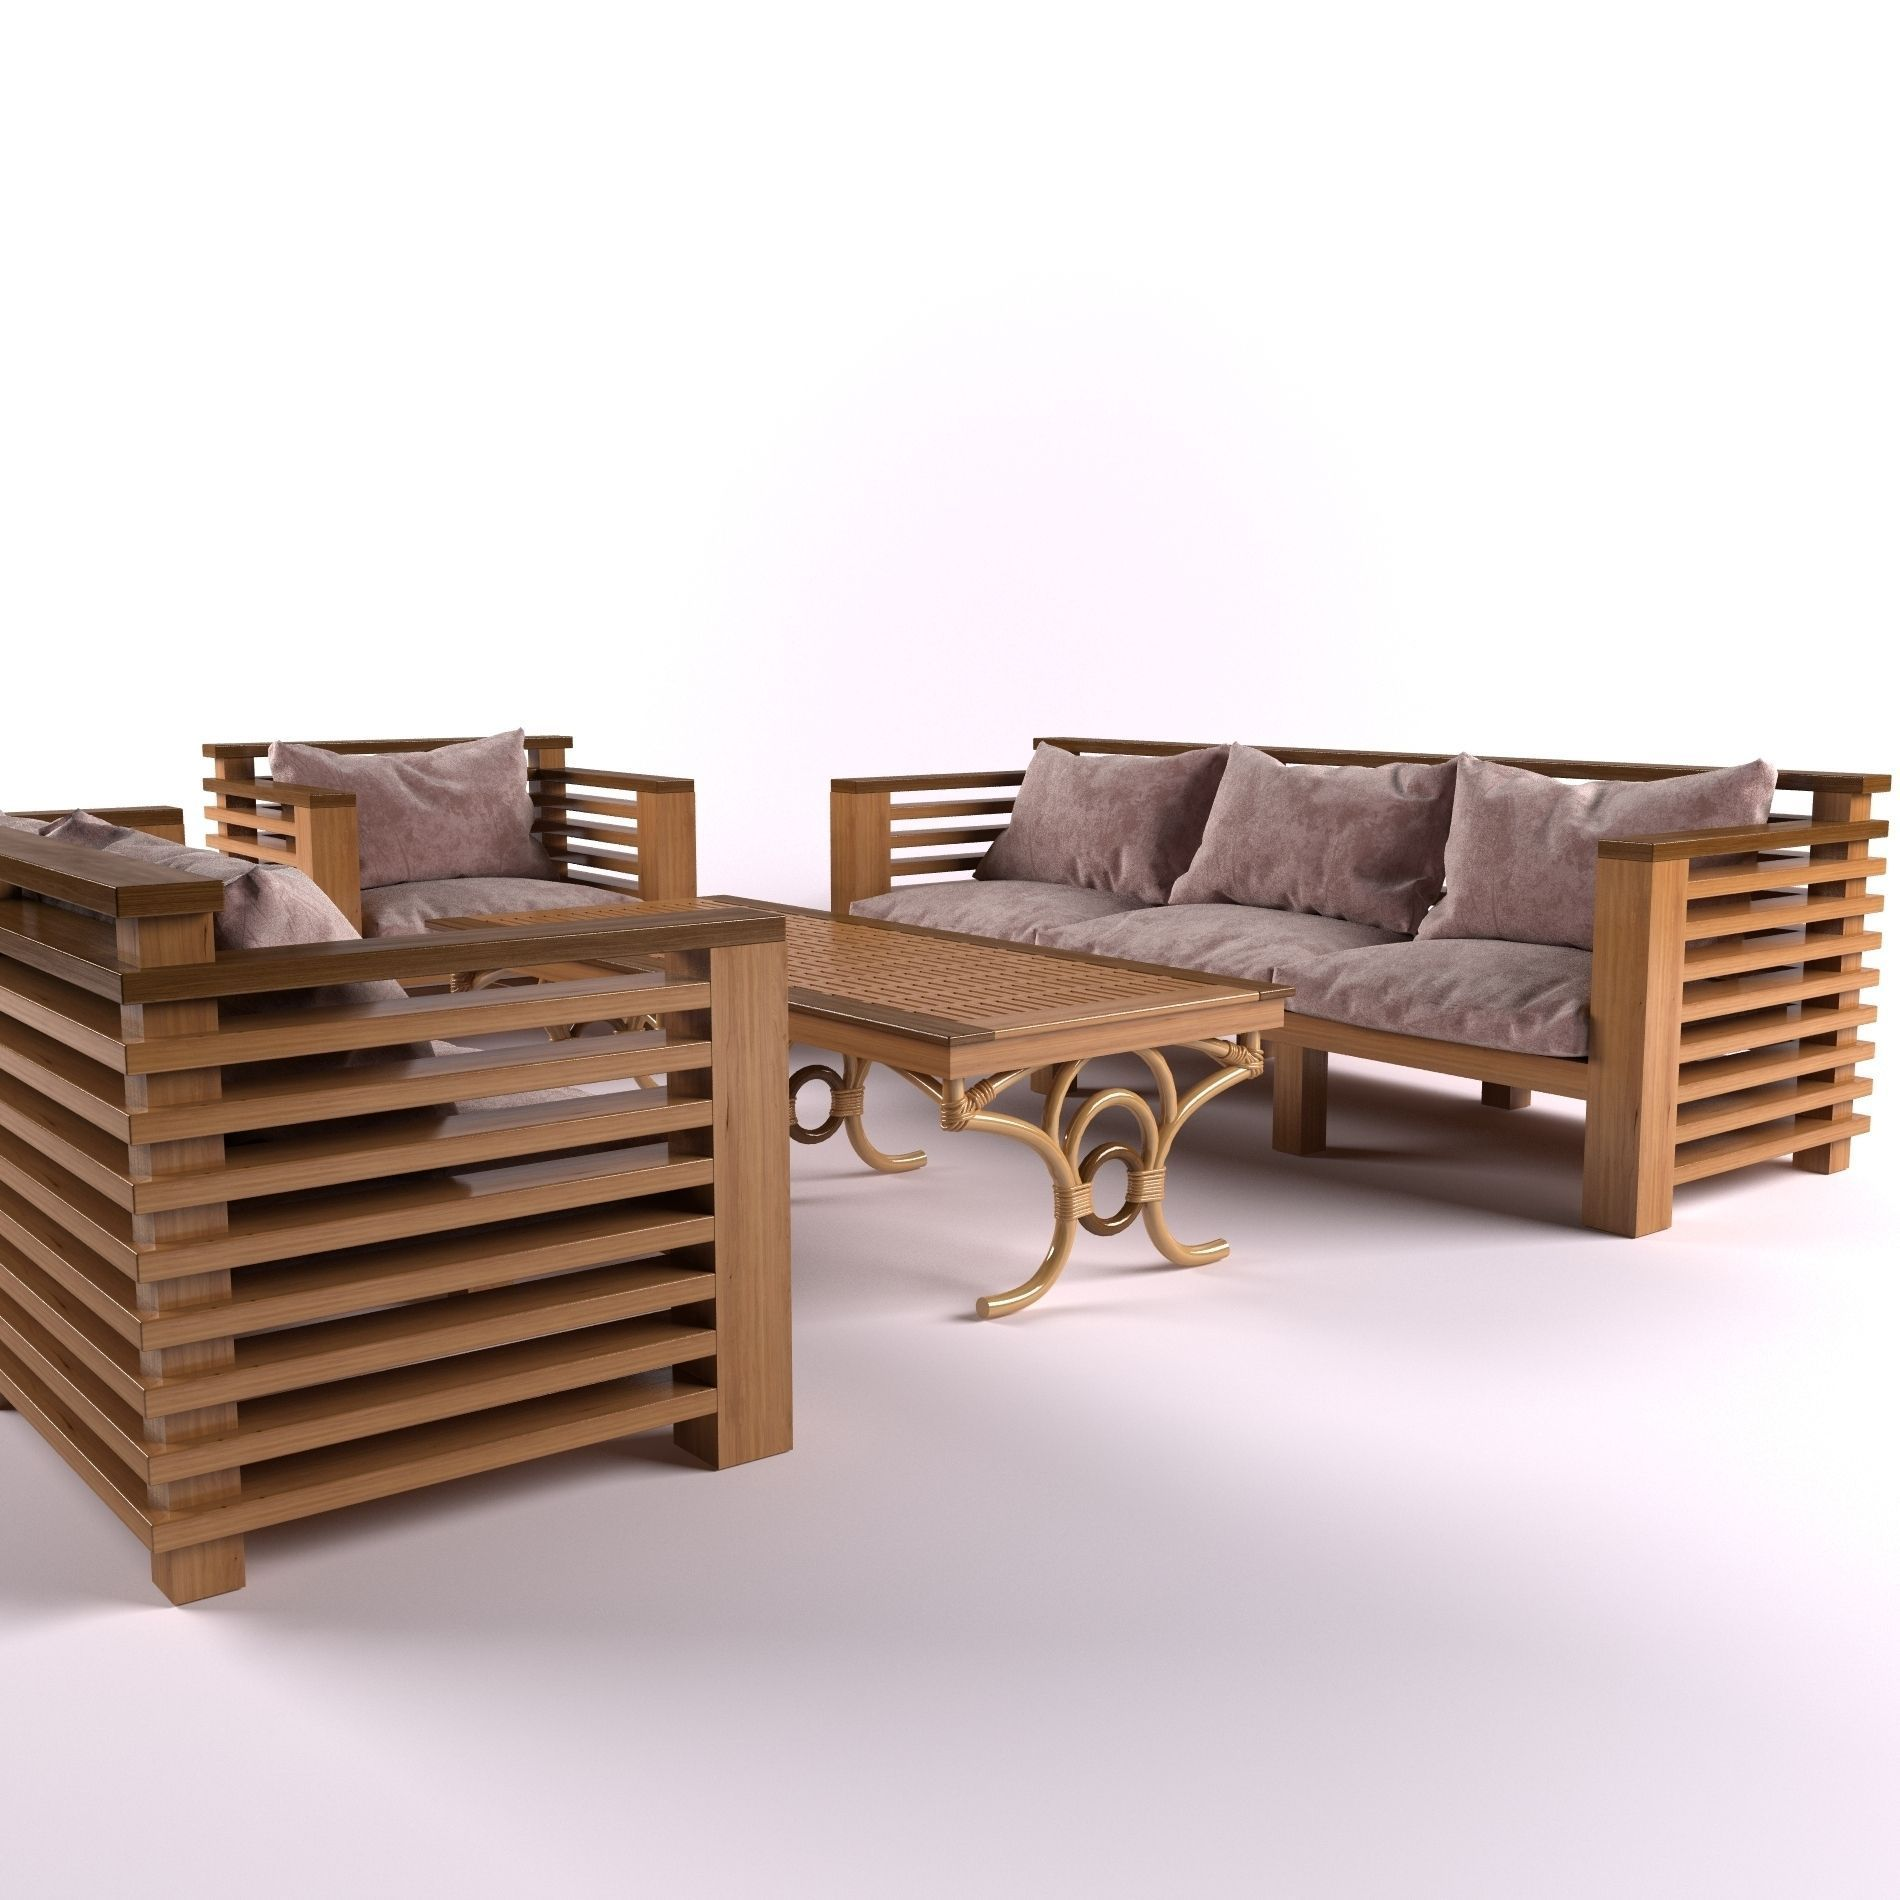 garden furniture 3d model max obj mtl 4 - Garden Furniture 3d